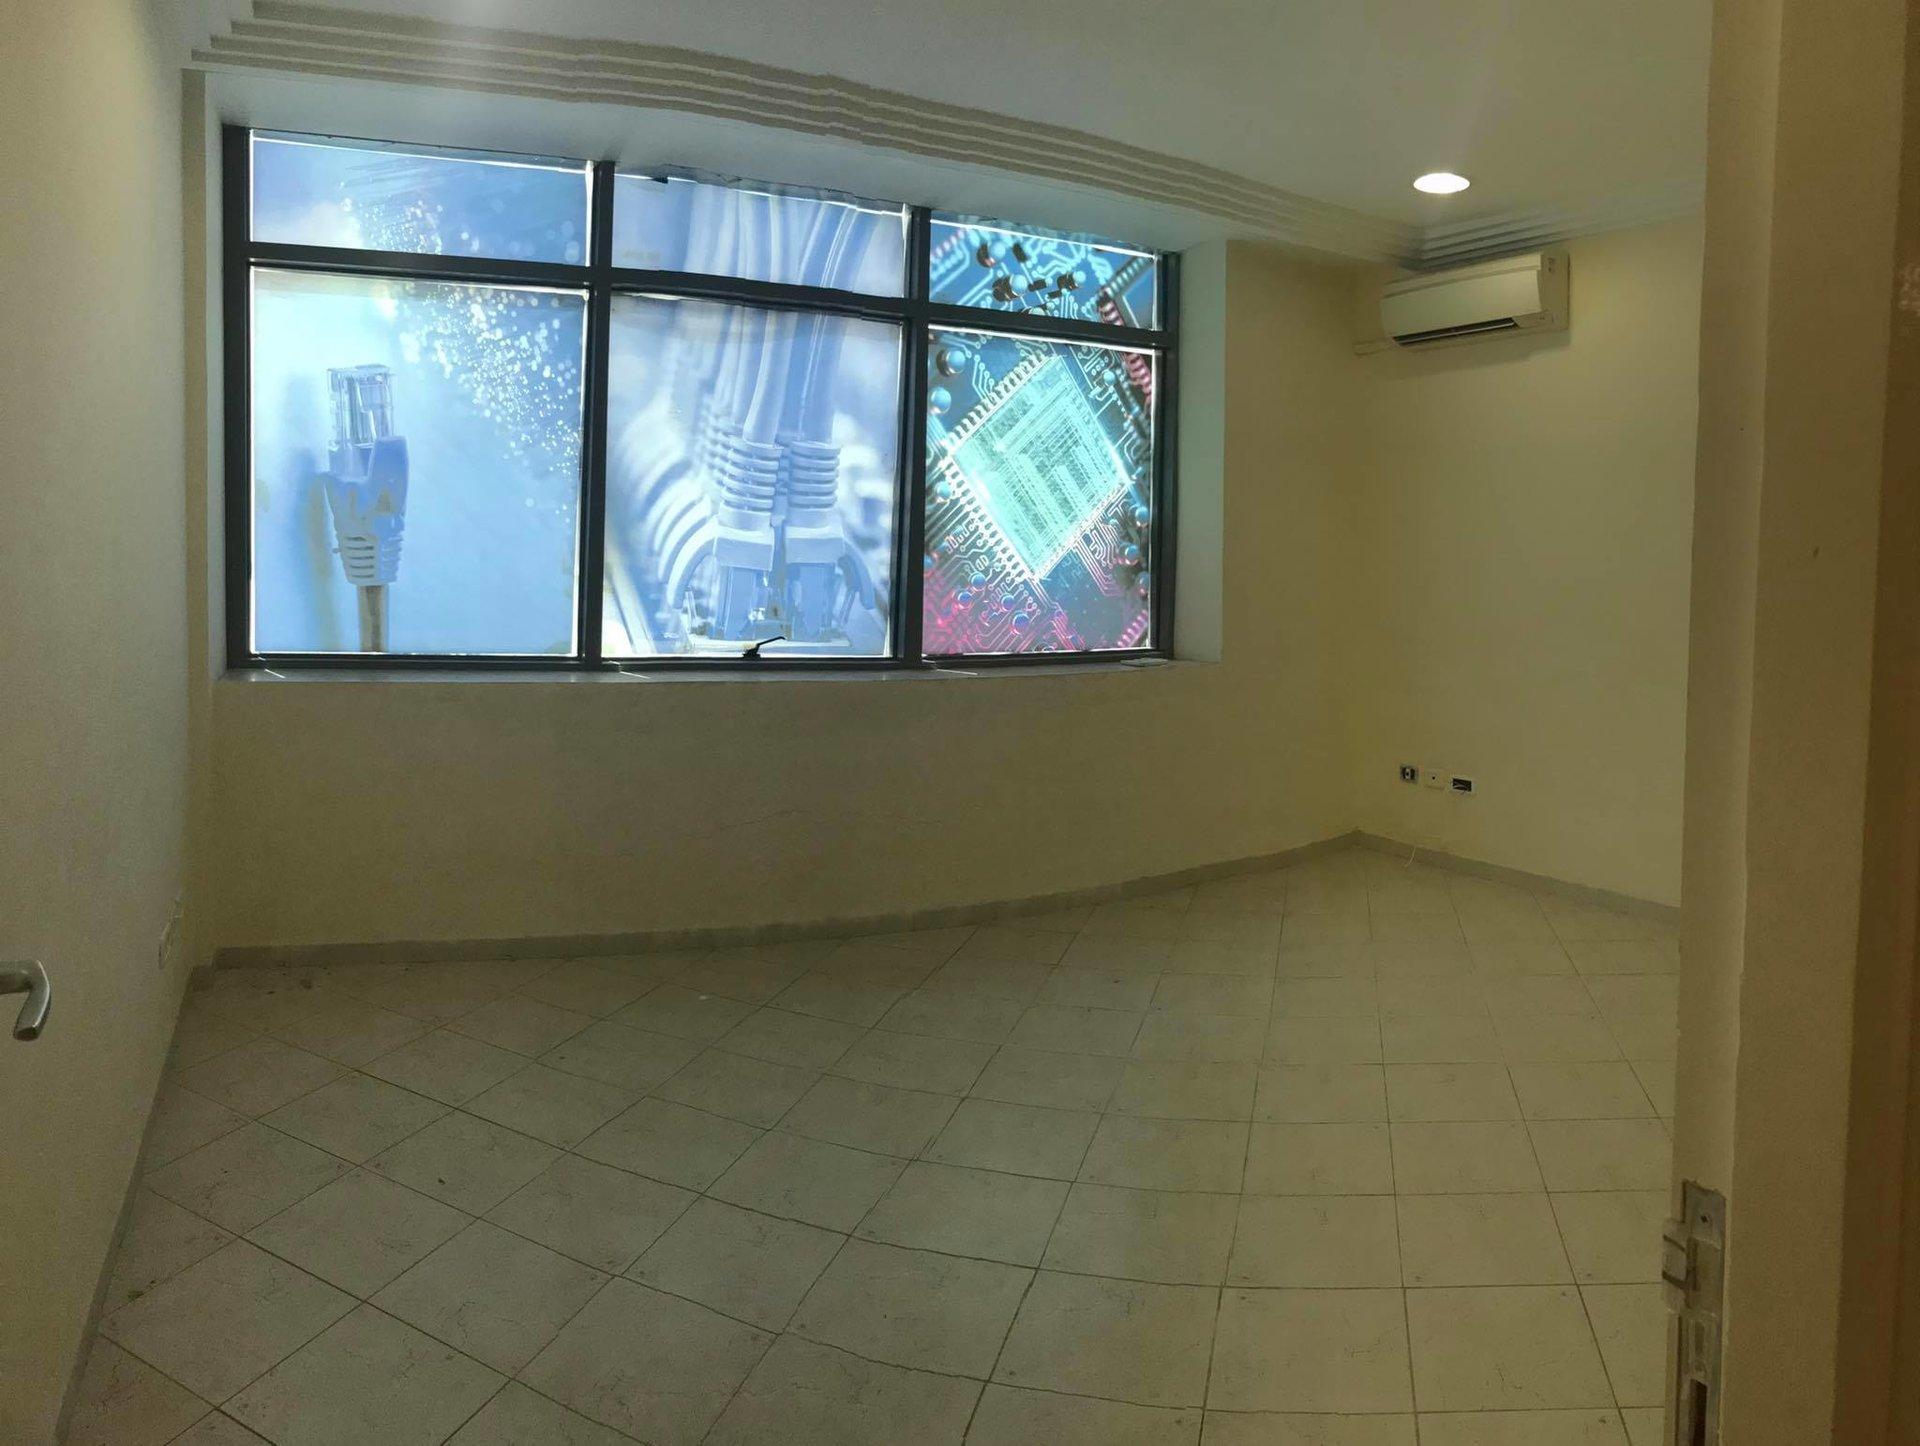 Location Bureau de 2 pièces 76 m² au lac 2